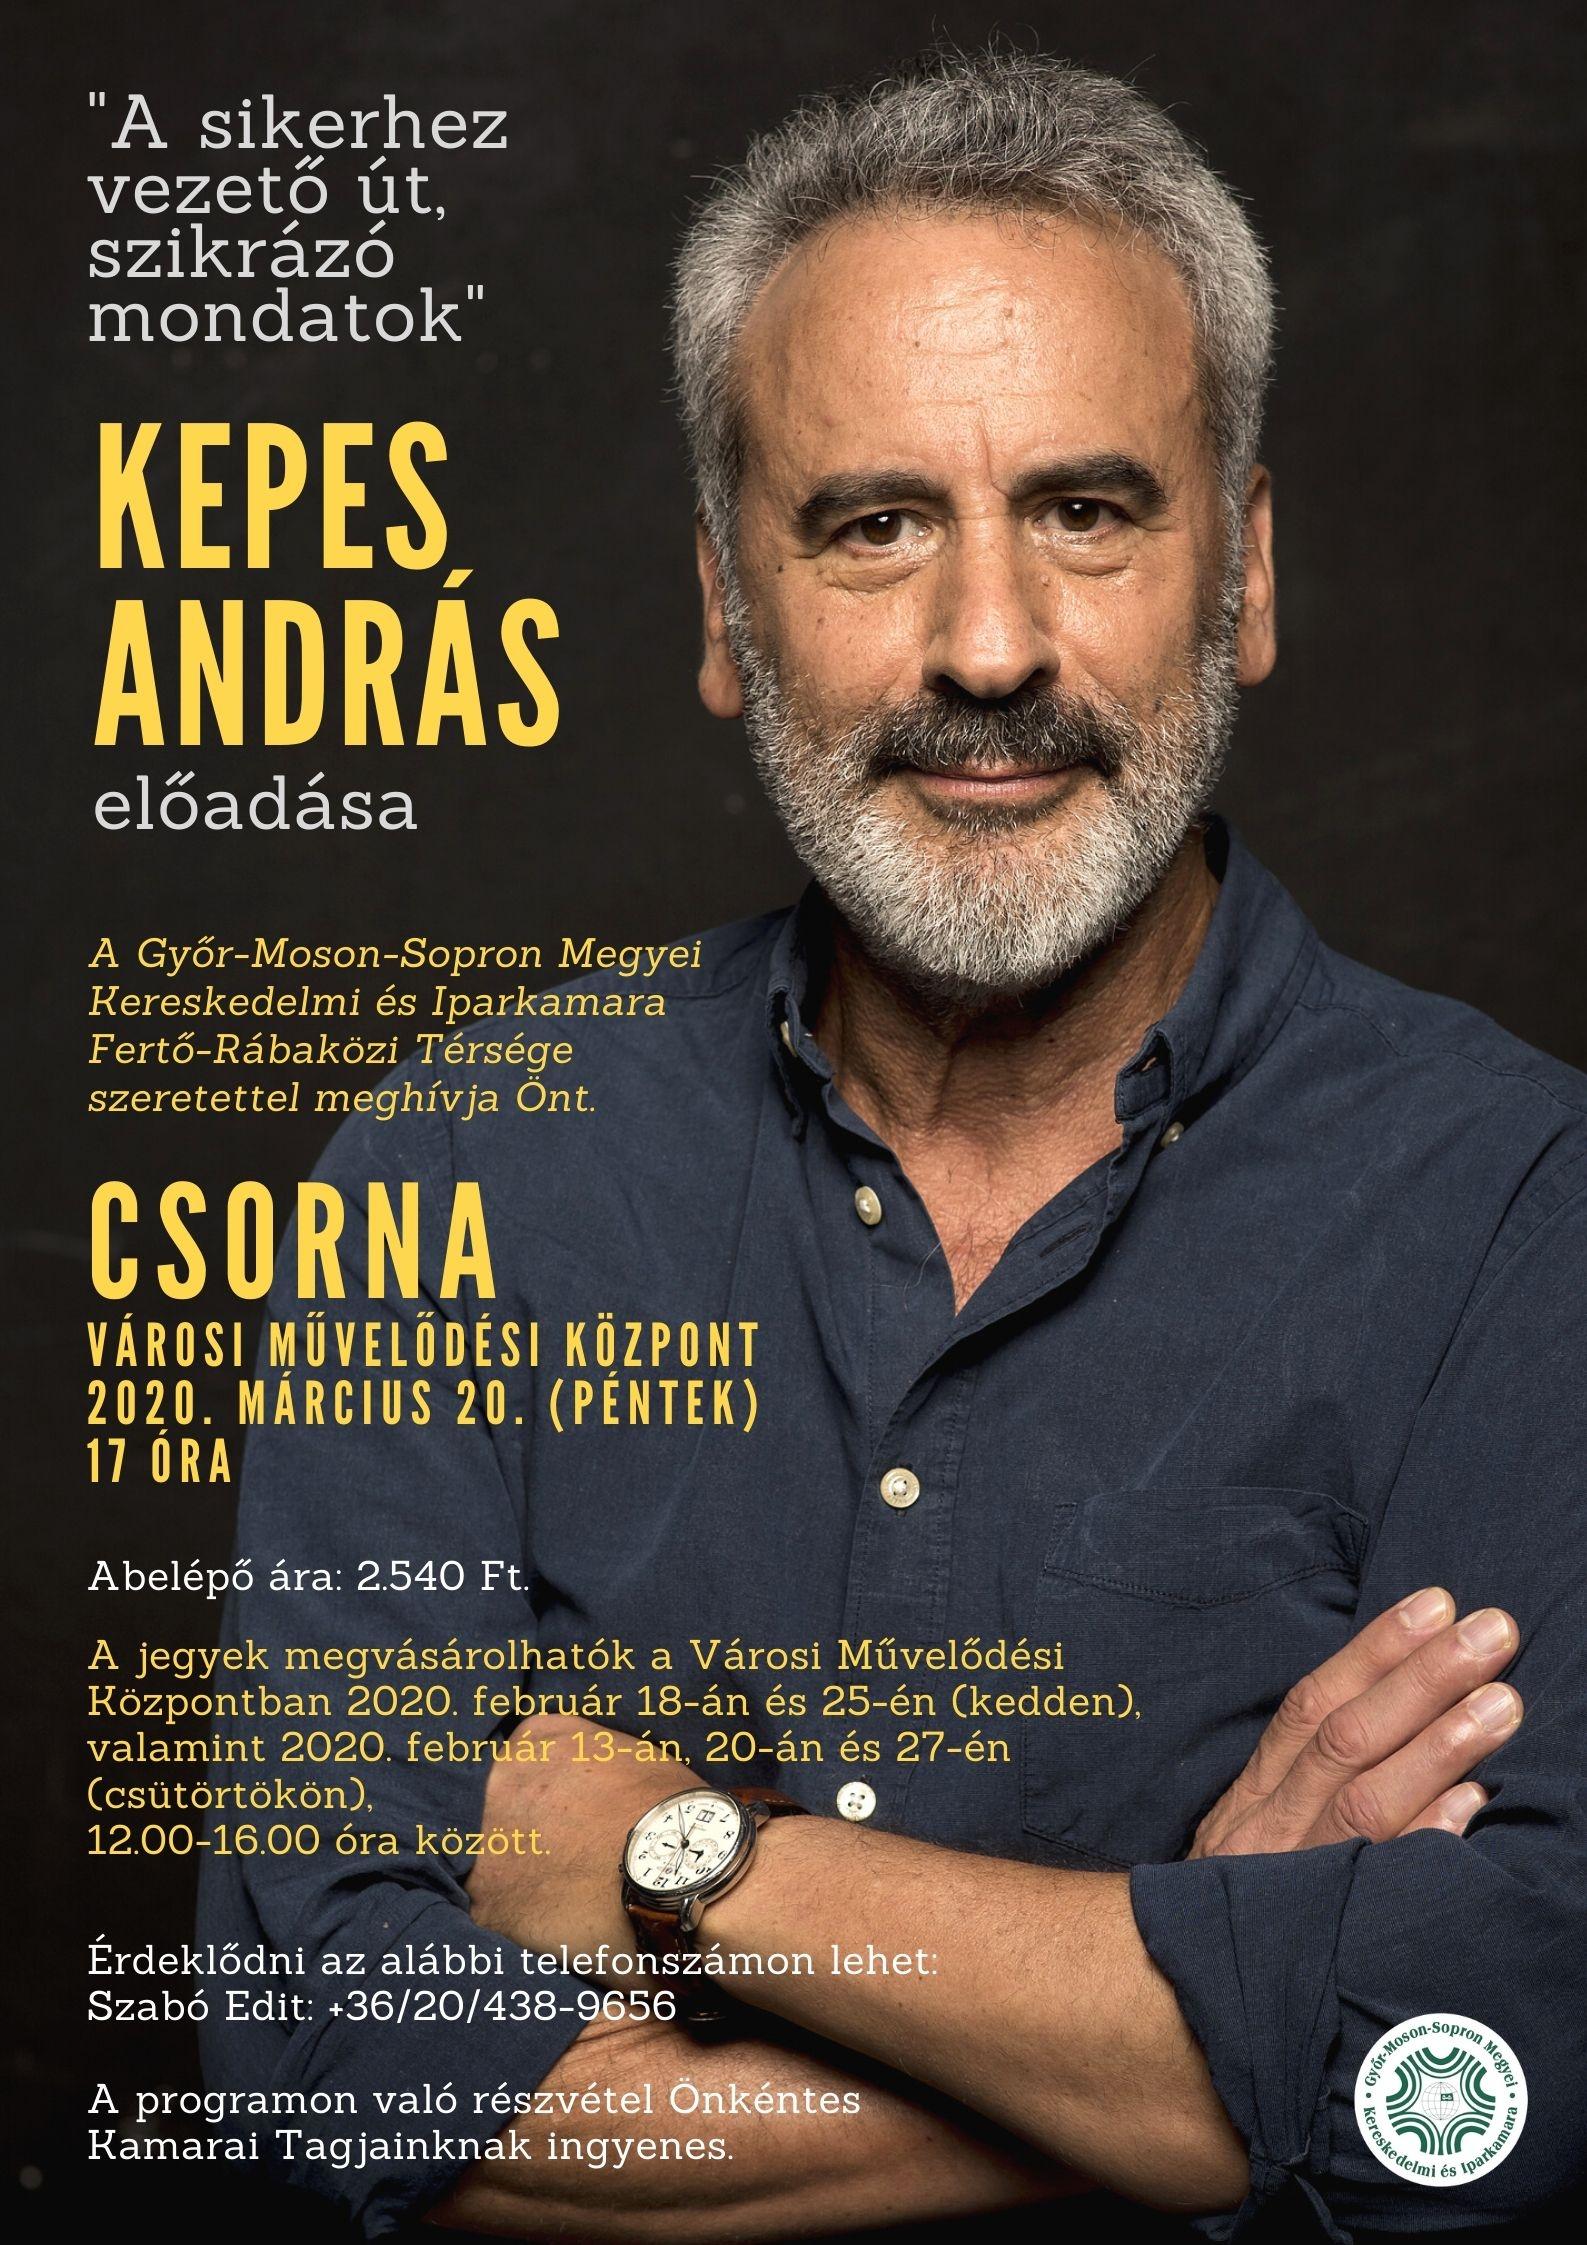 kepes_andras_ea_2020_03_20